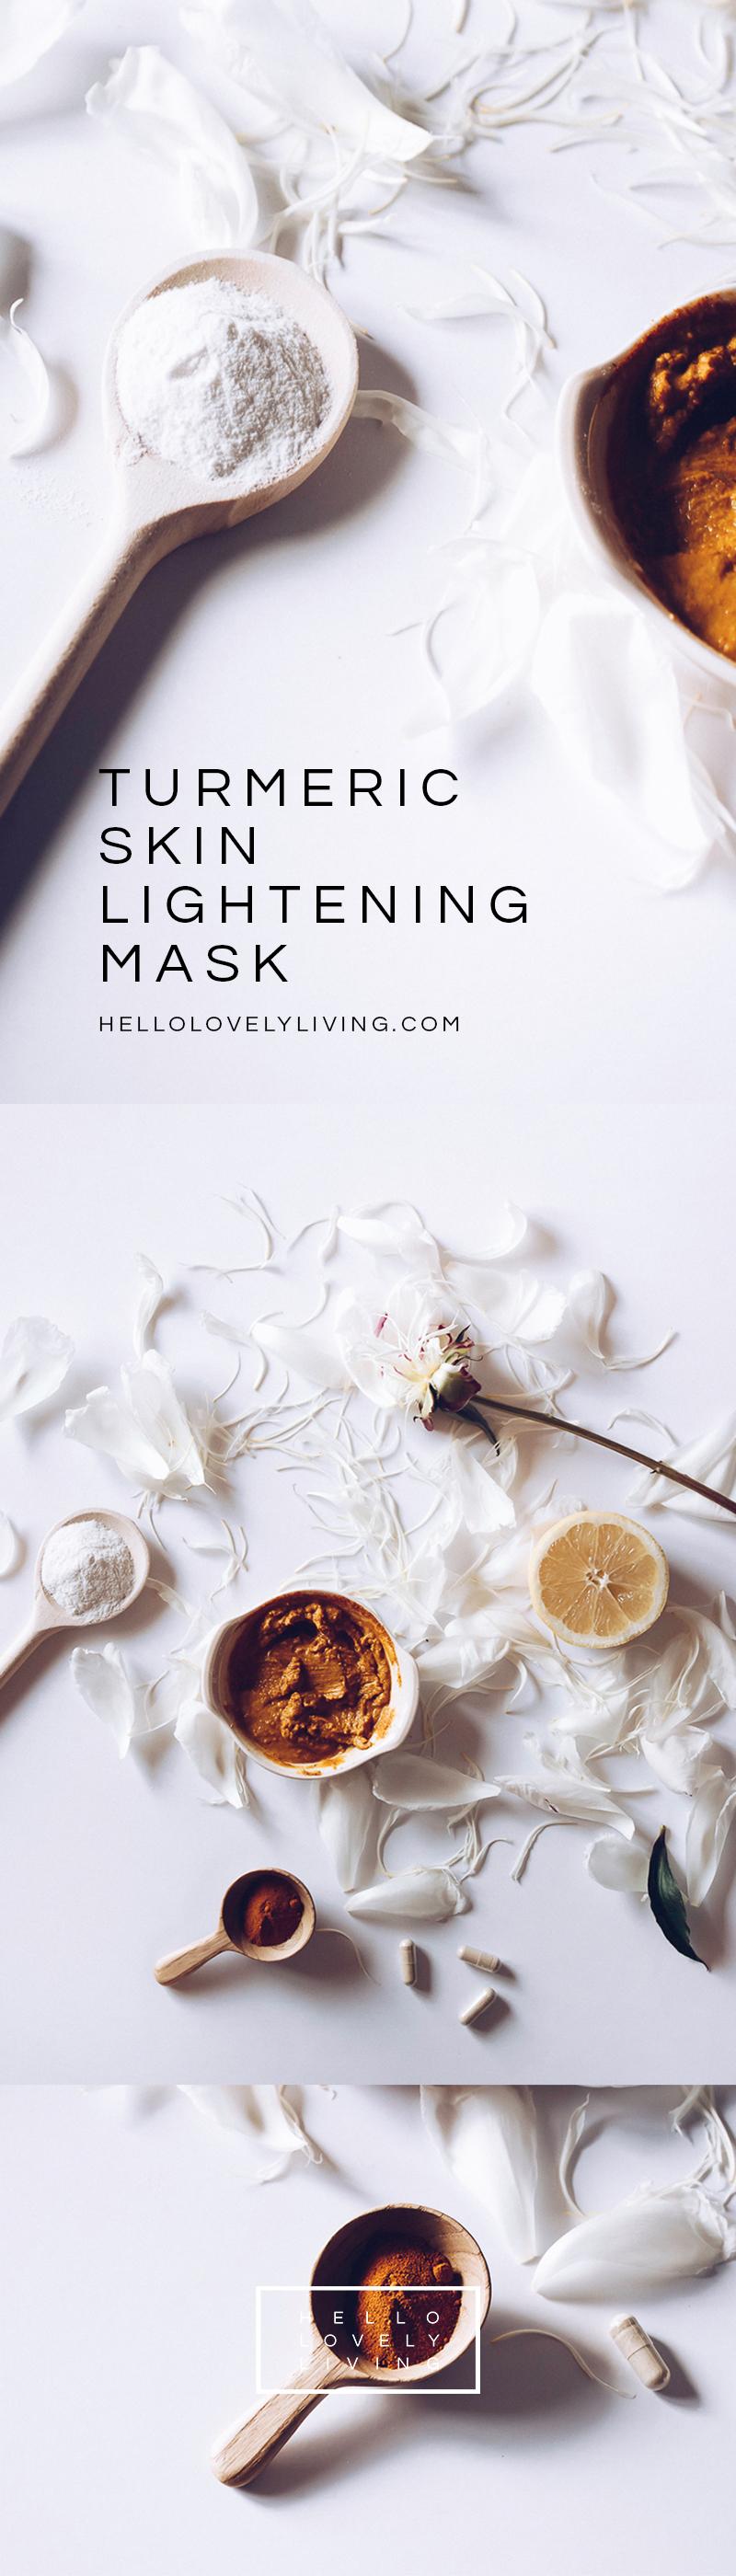 HELLOLOVELYLIVING.COM | DIY Turmeric Skin Lightening Mask